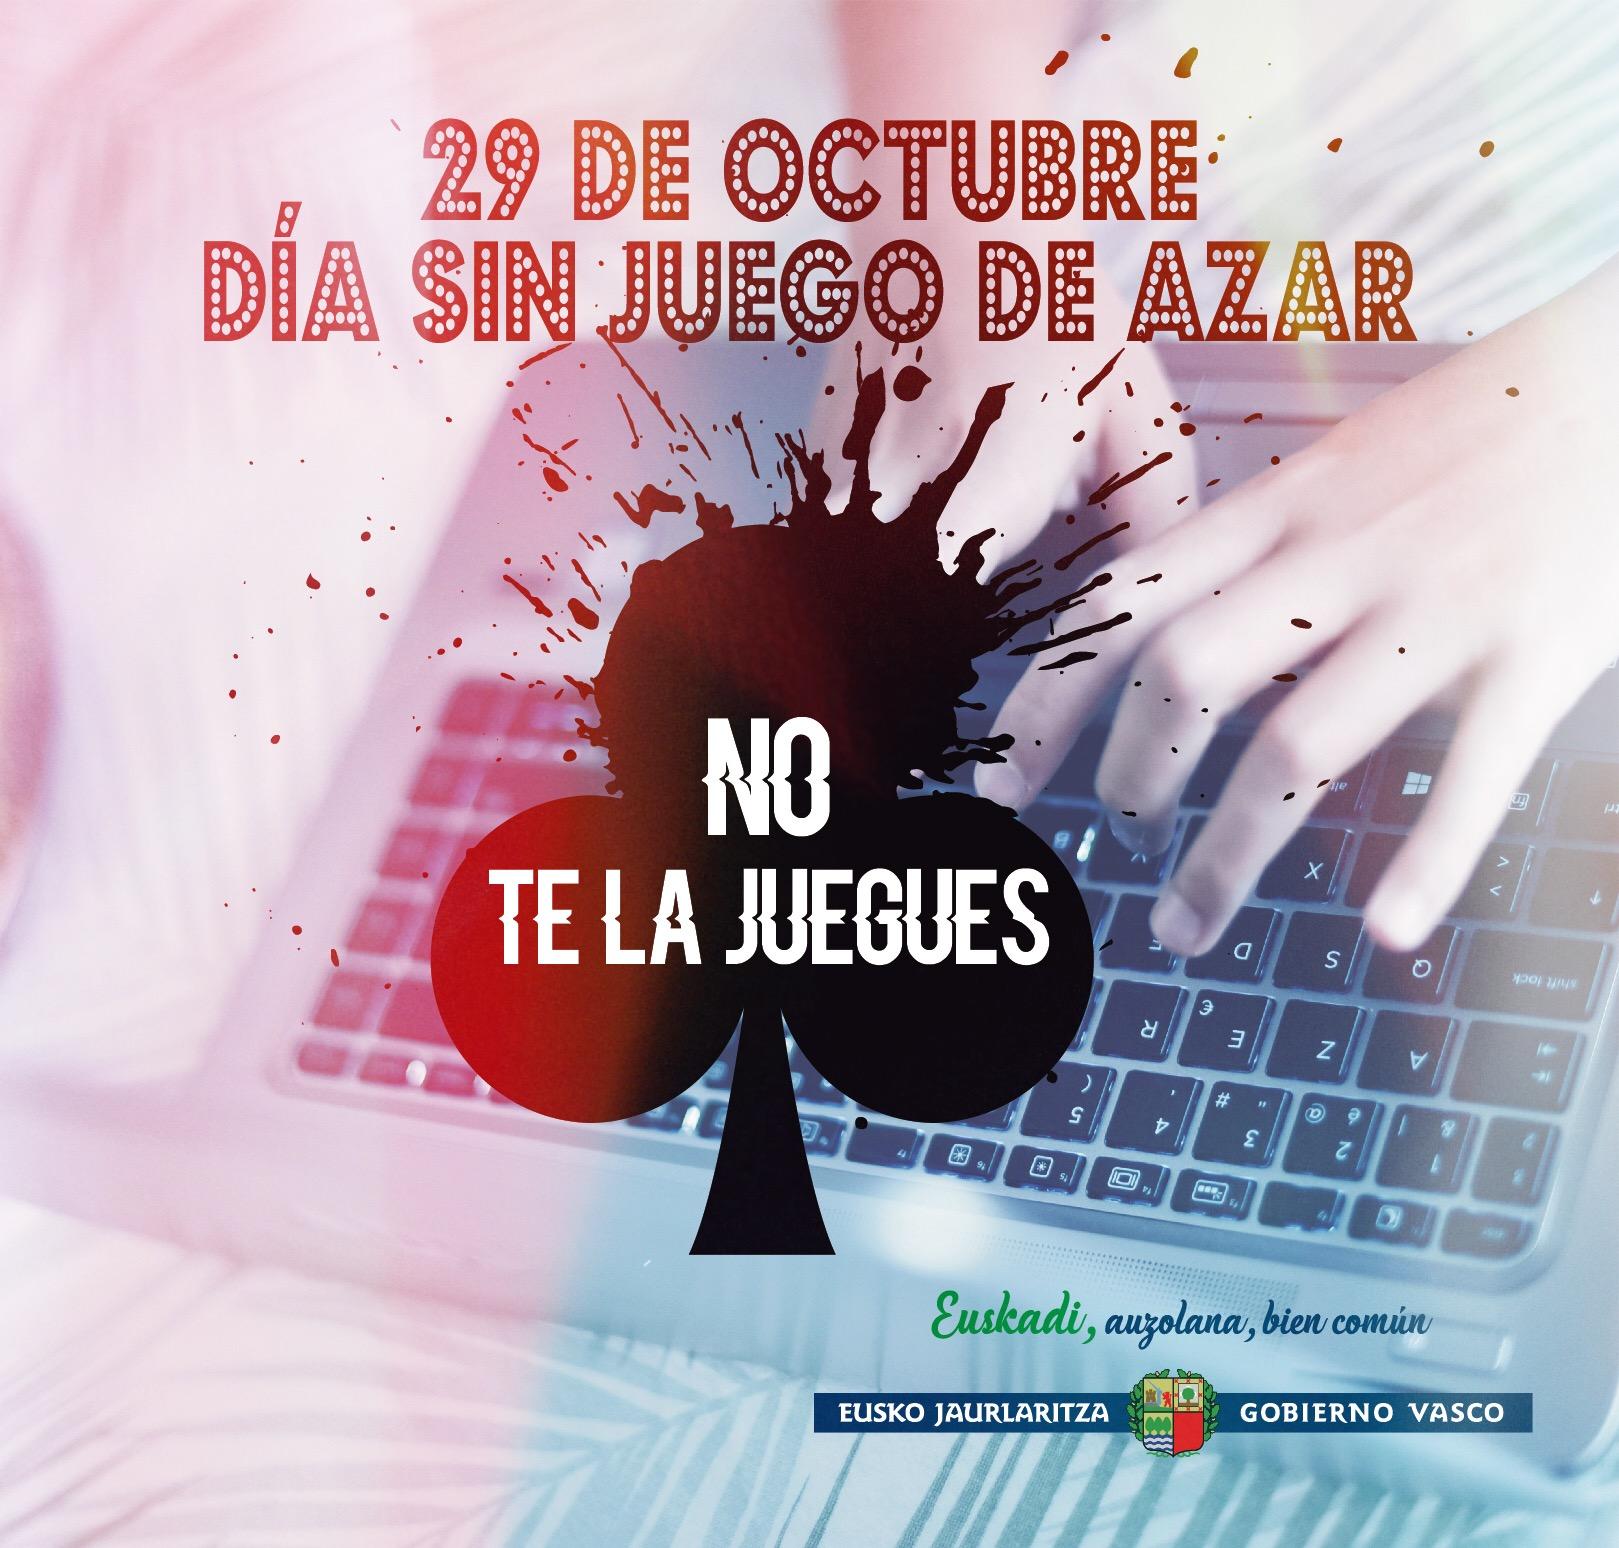 Día_sin_Juego_de_Azar.JPG